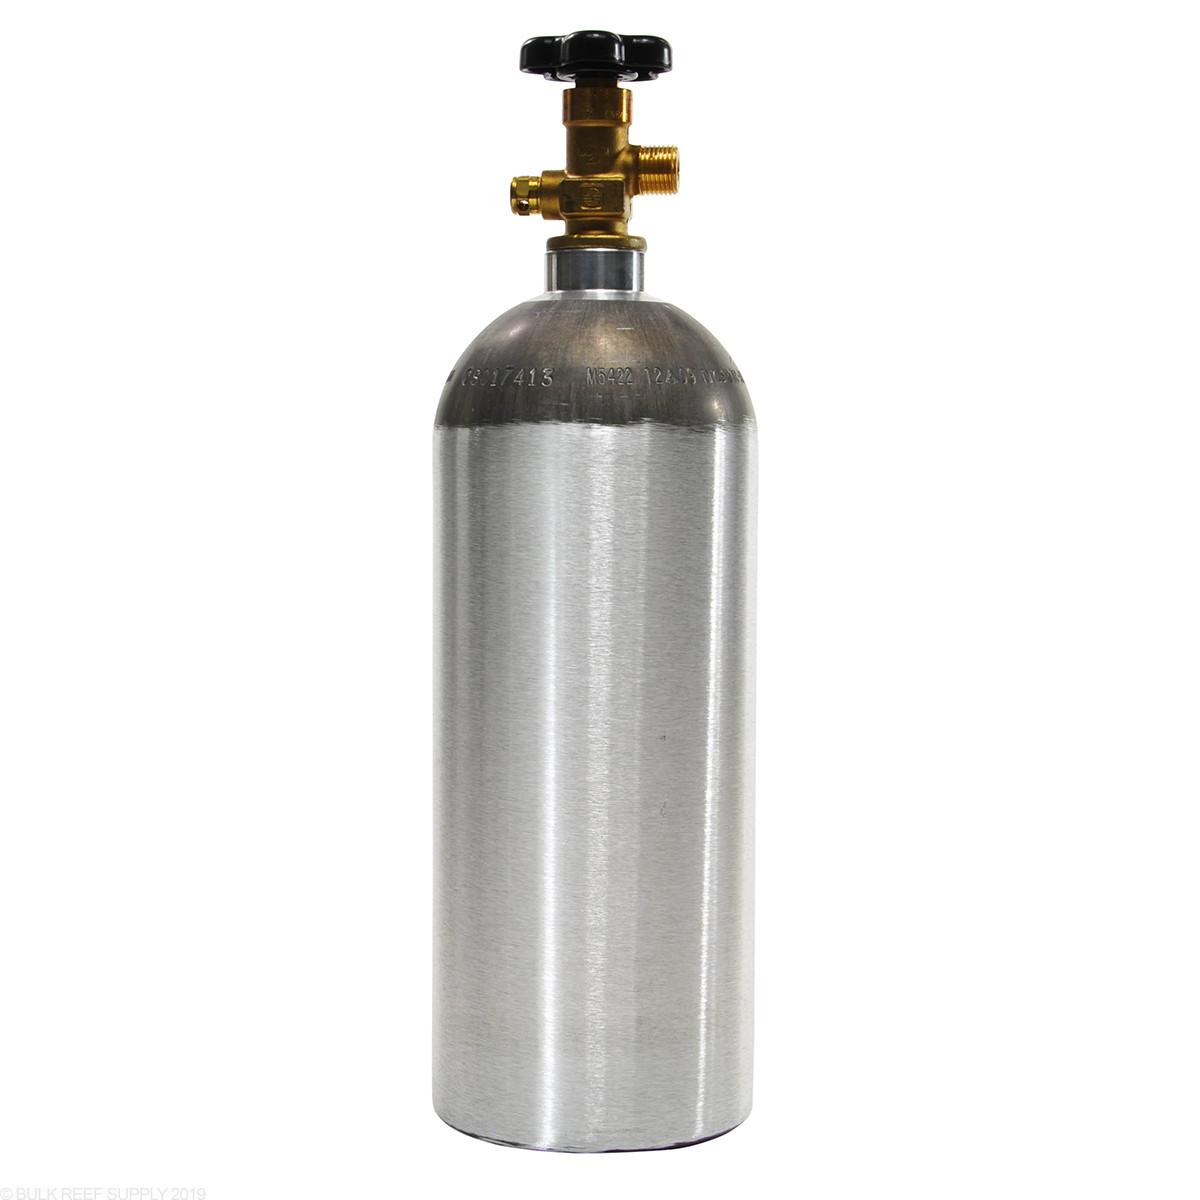 CO2 Tank - 5 lbs